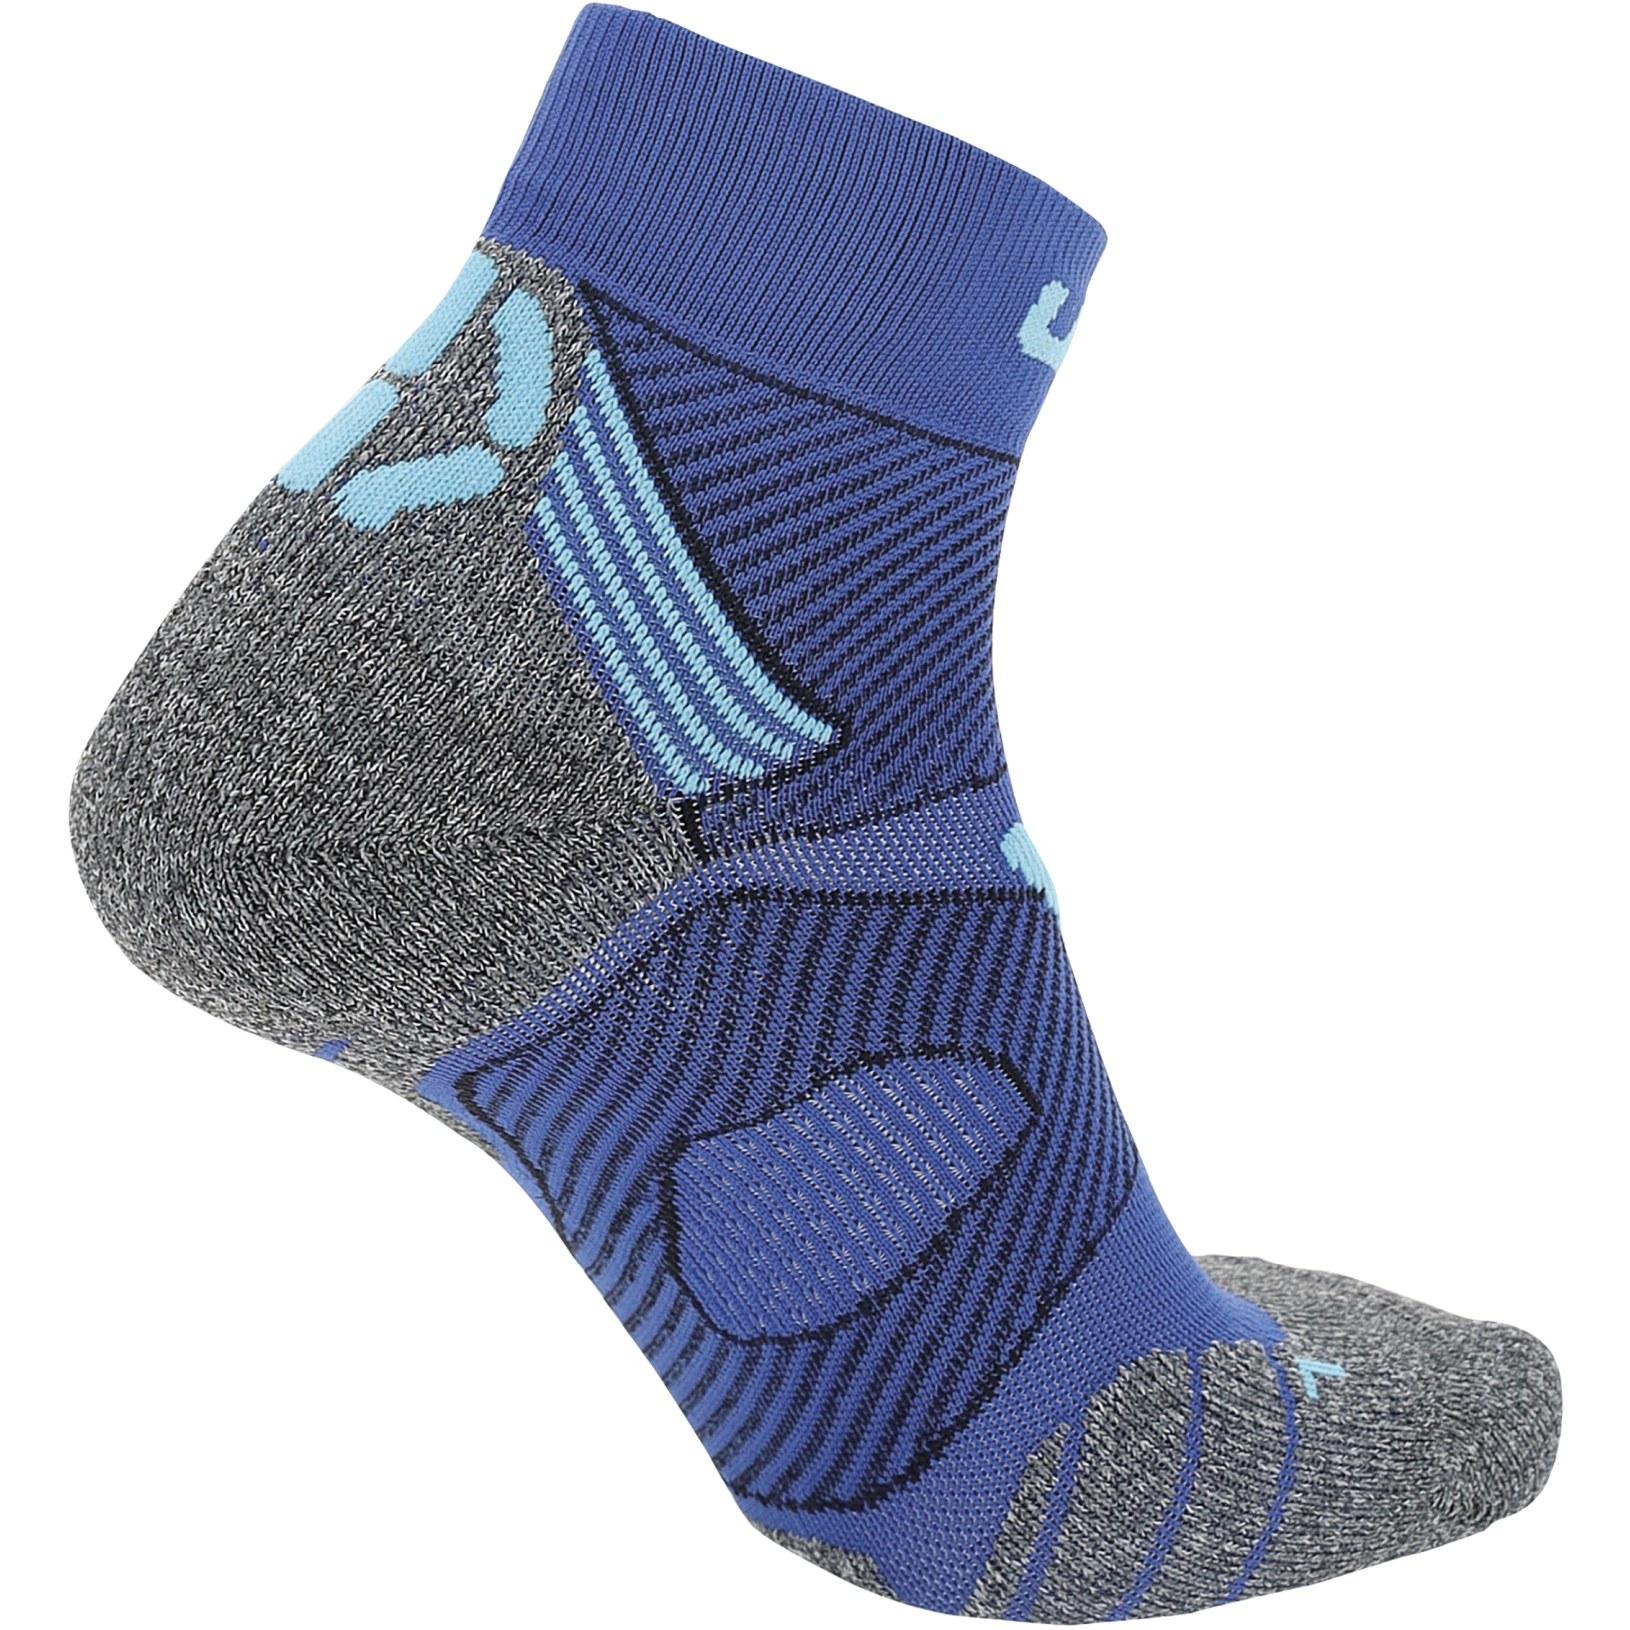 Bild von UYN Marathon Zero Socken - Blue/Sky Blue